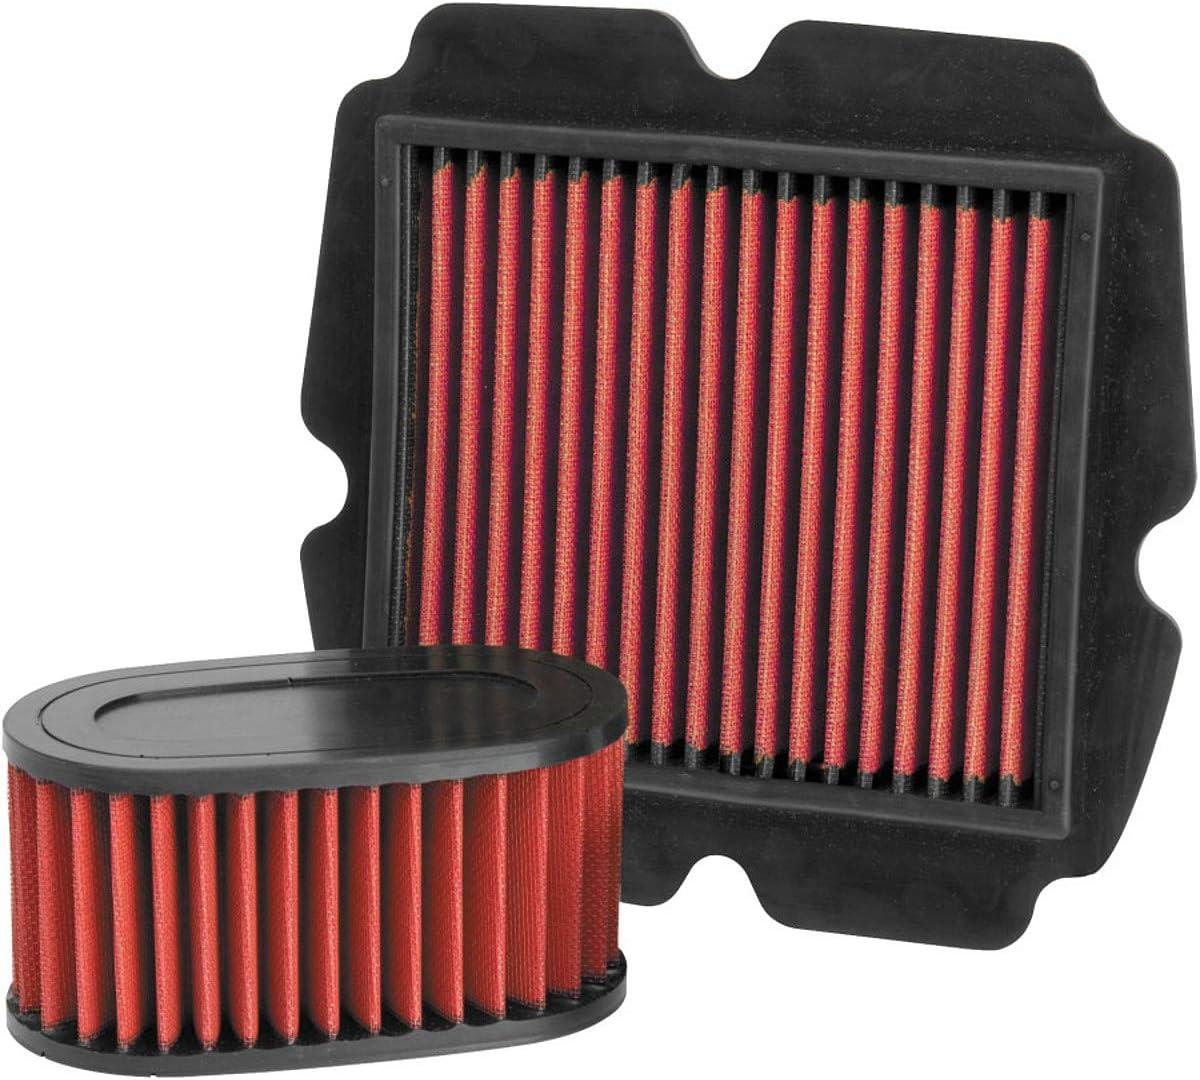 BikeMaster Air Filter for Max 78% Max 69% OFF OFF Suzuki GSXR1000 09-16